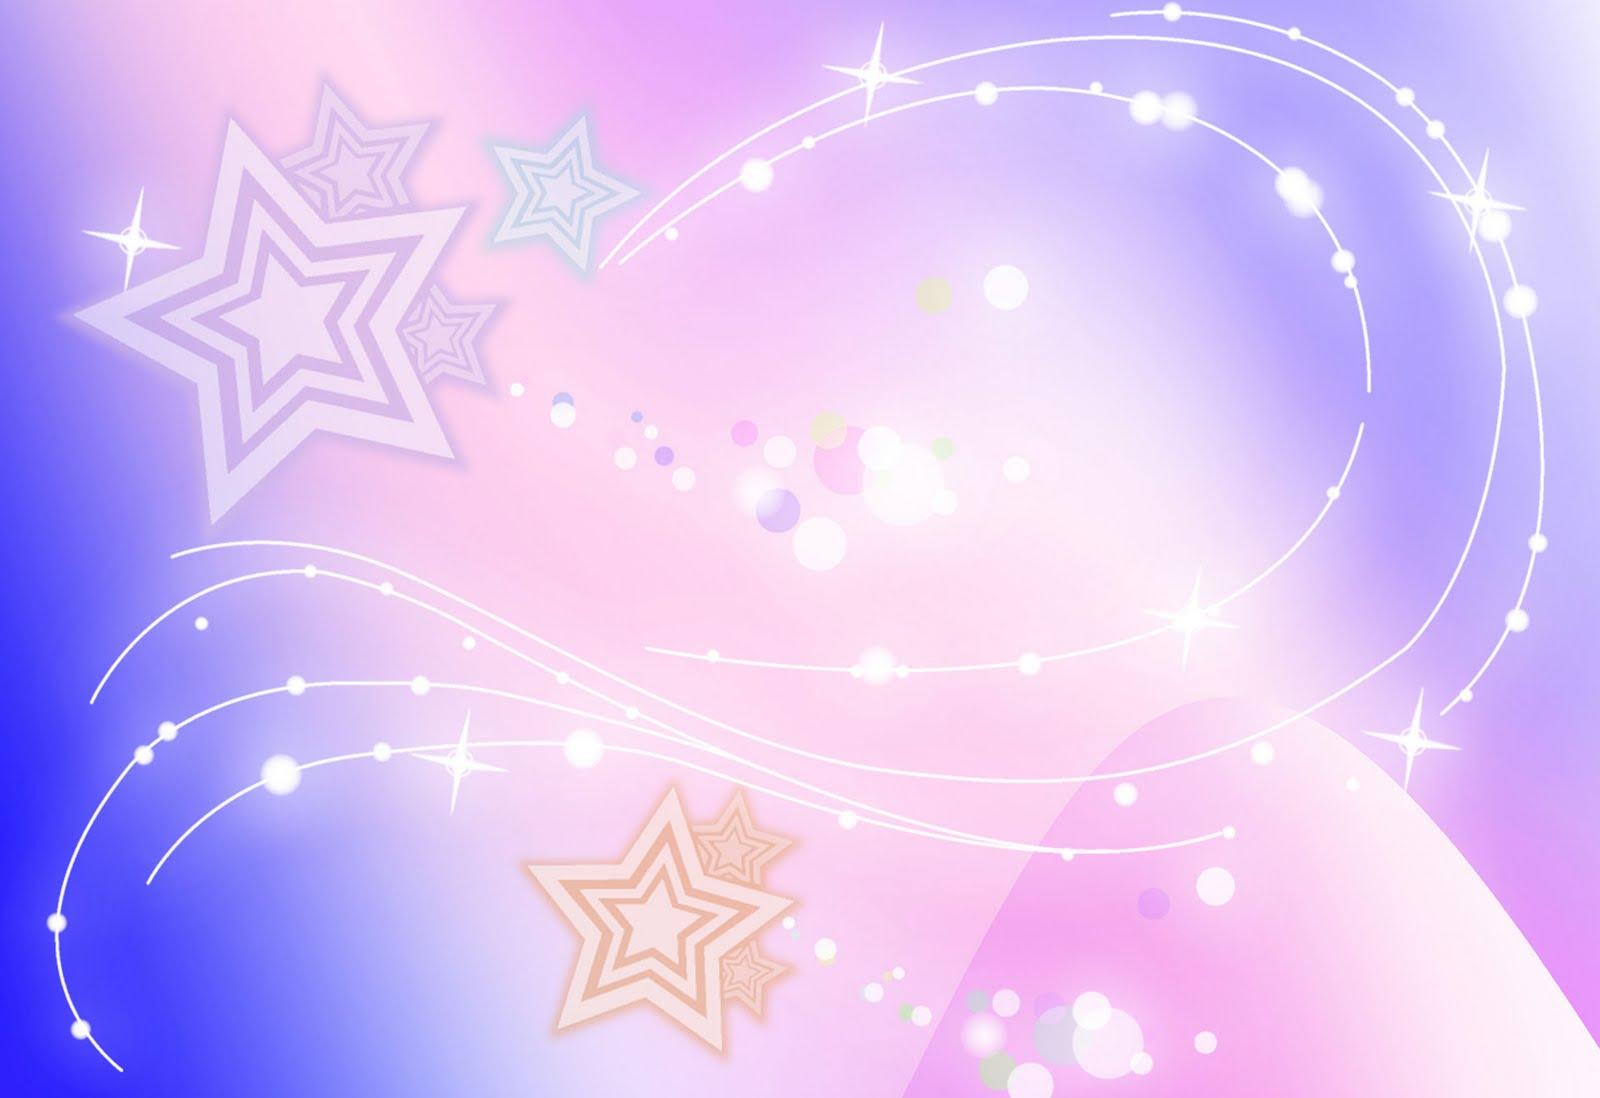 Fondos de flores mariposas y estrellas vectores for Imagenes de fondos bonitos